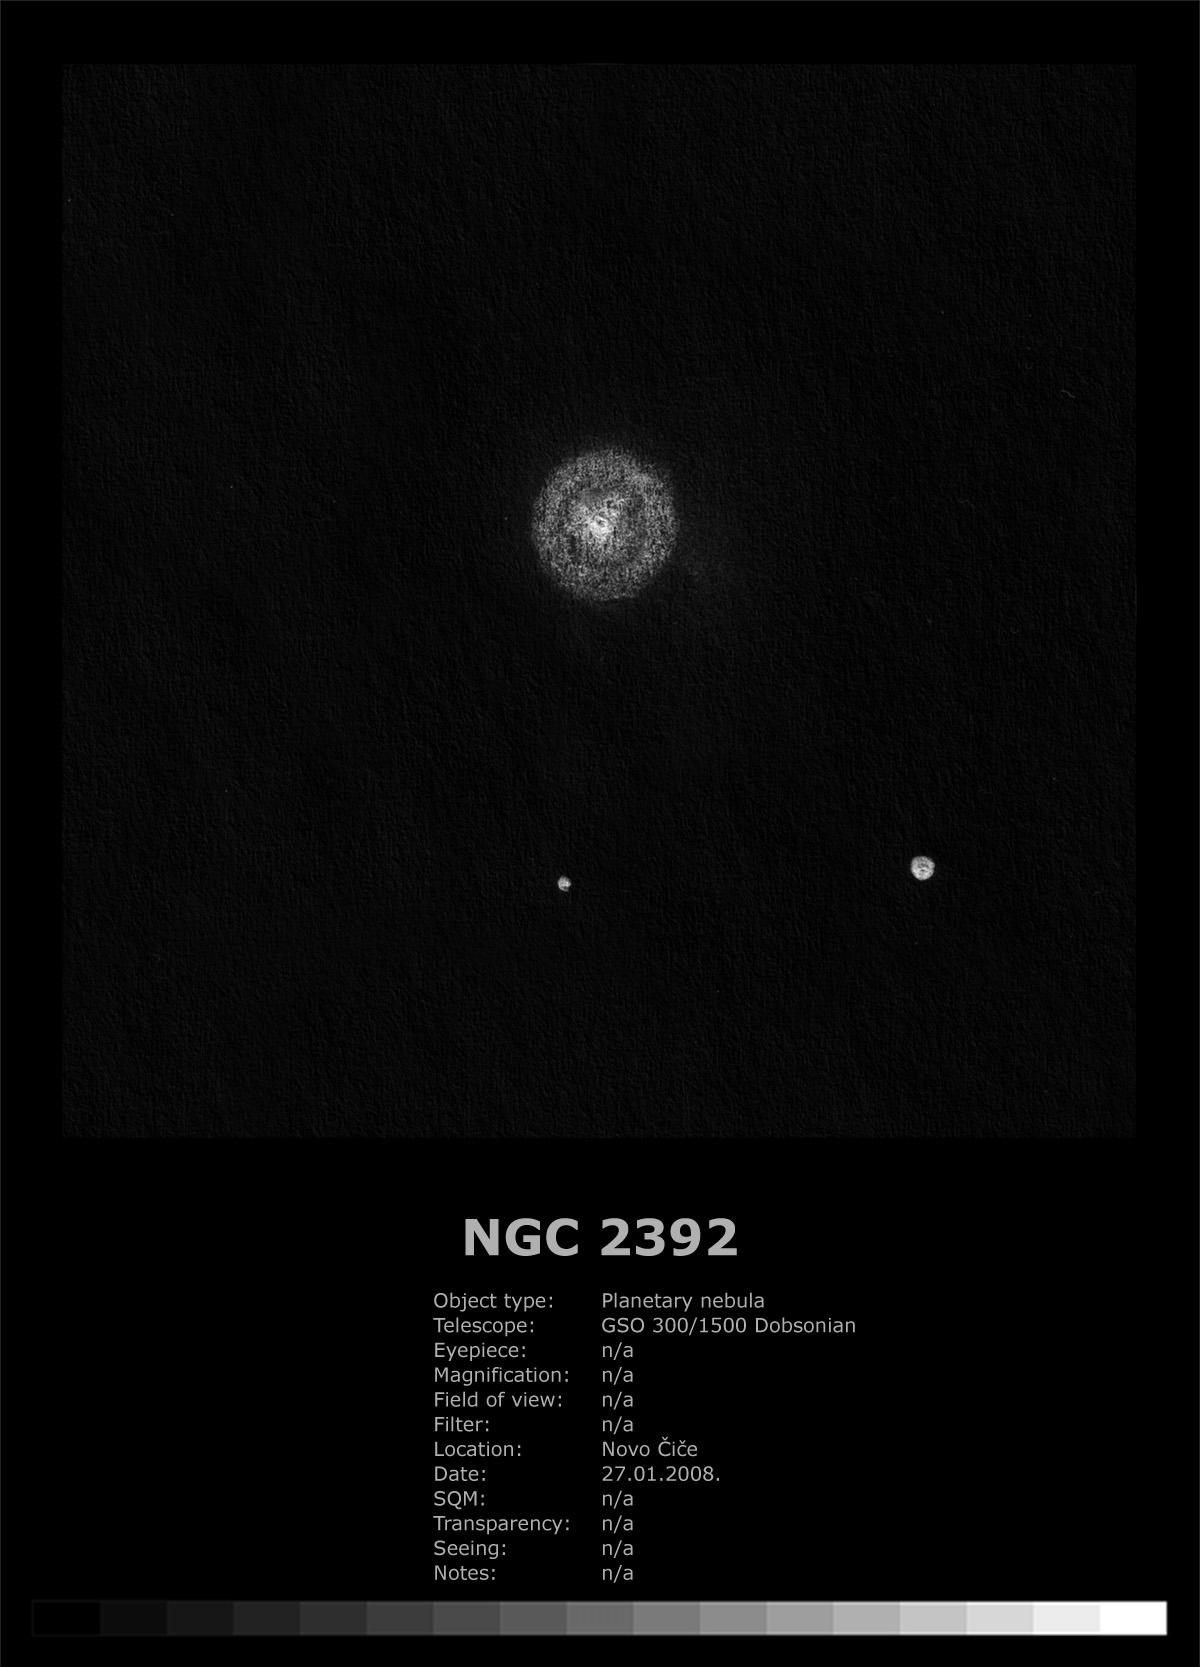 NGC 2392 (2008)